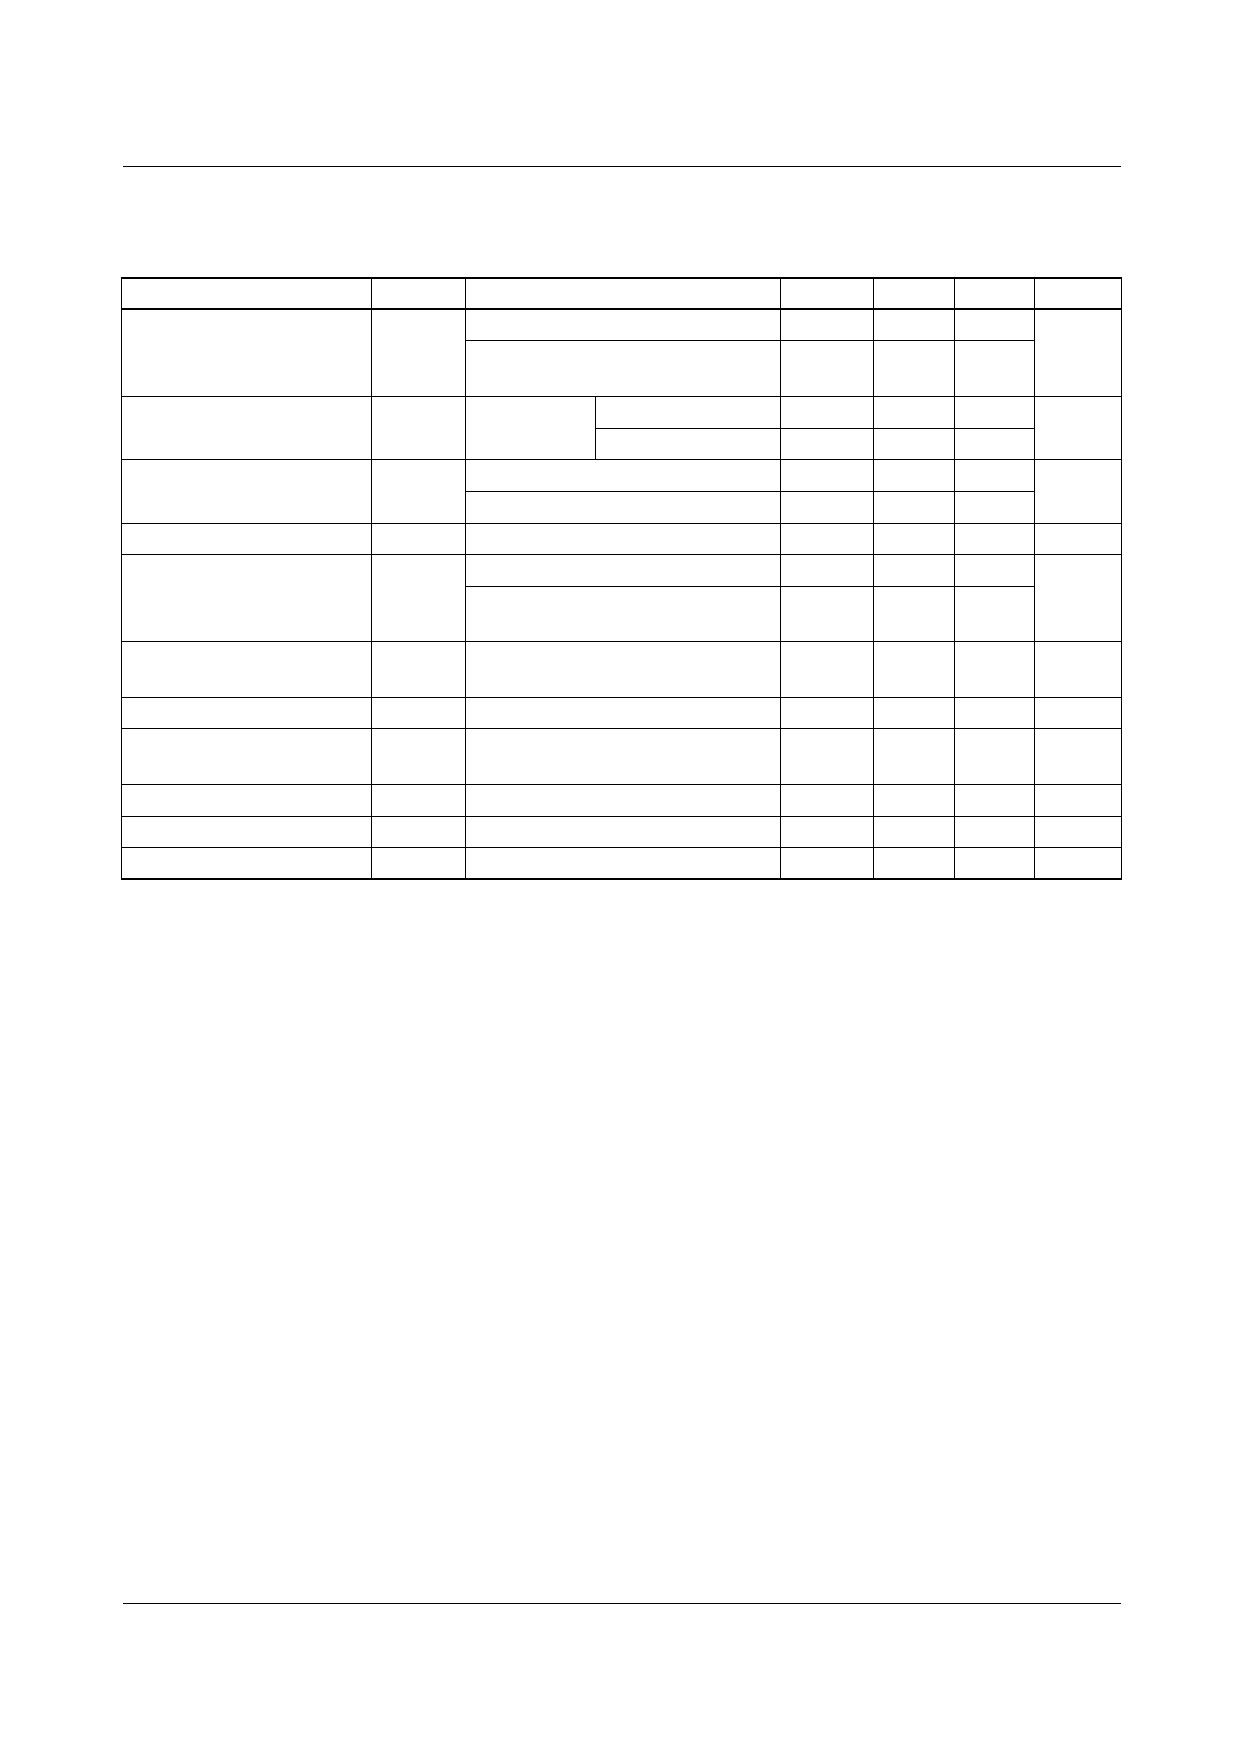 KA78M15 pdf, ピン配列